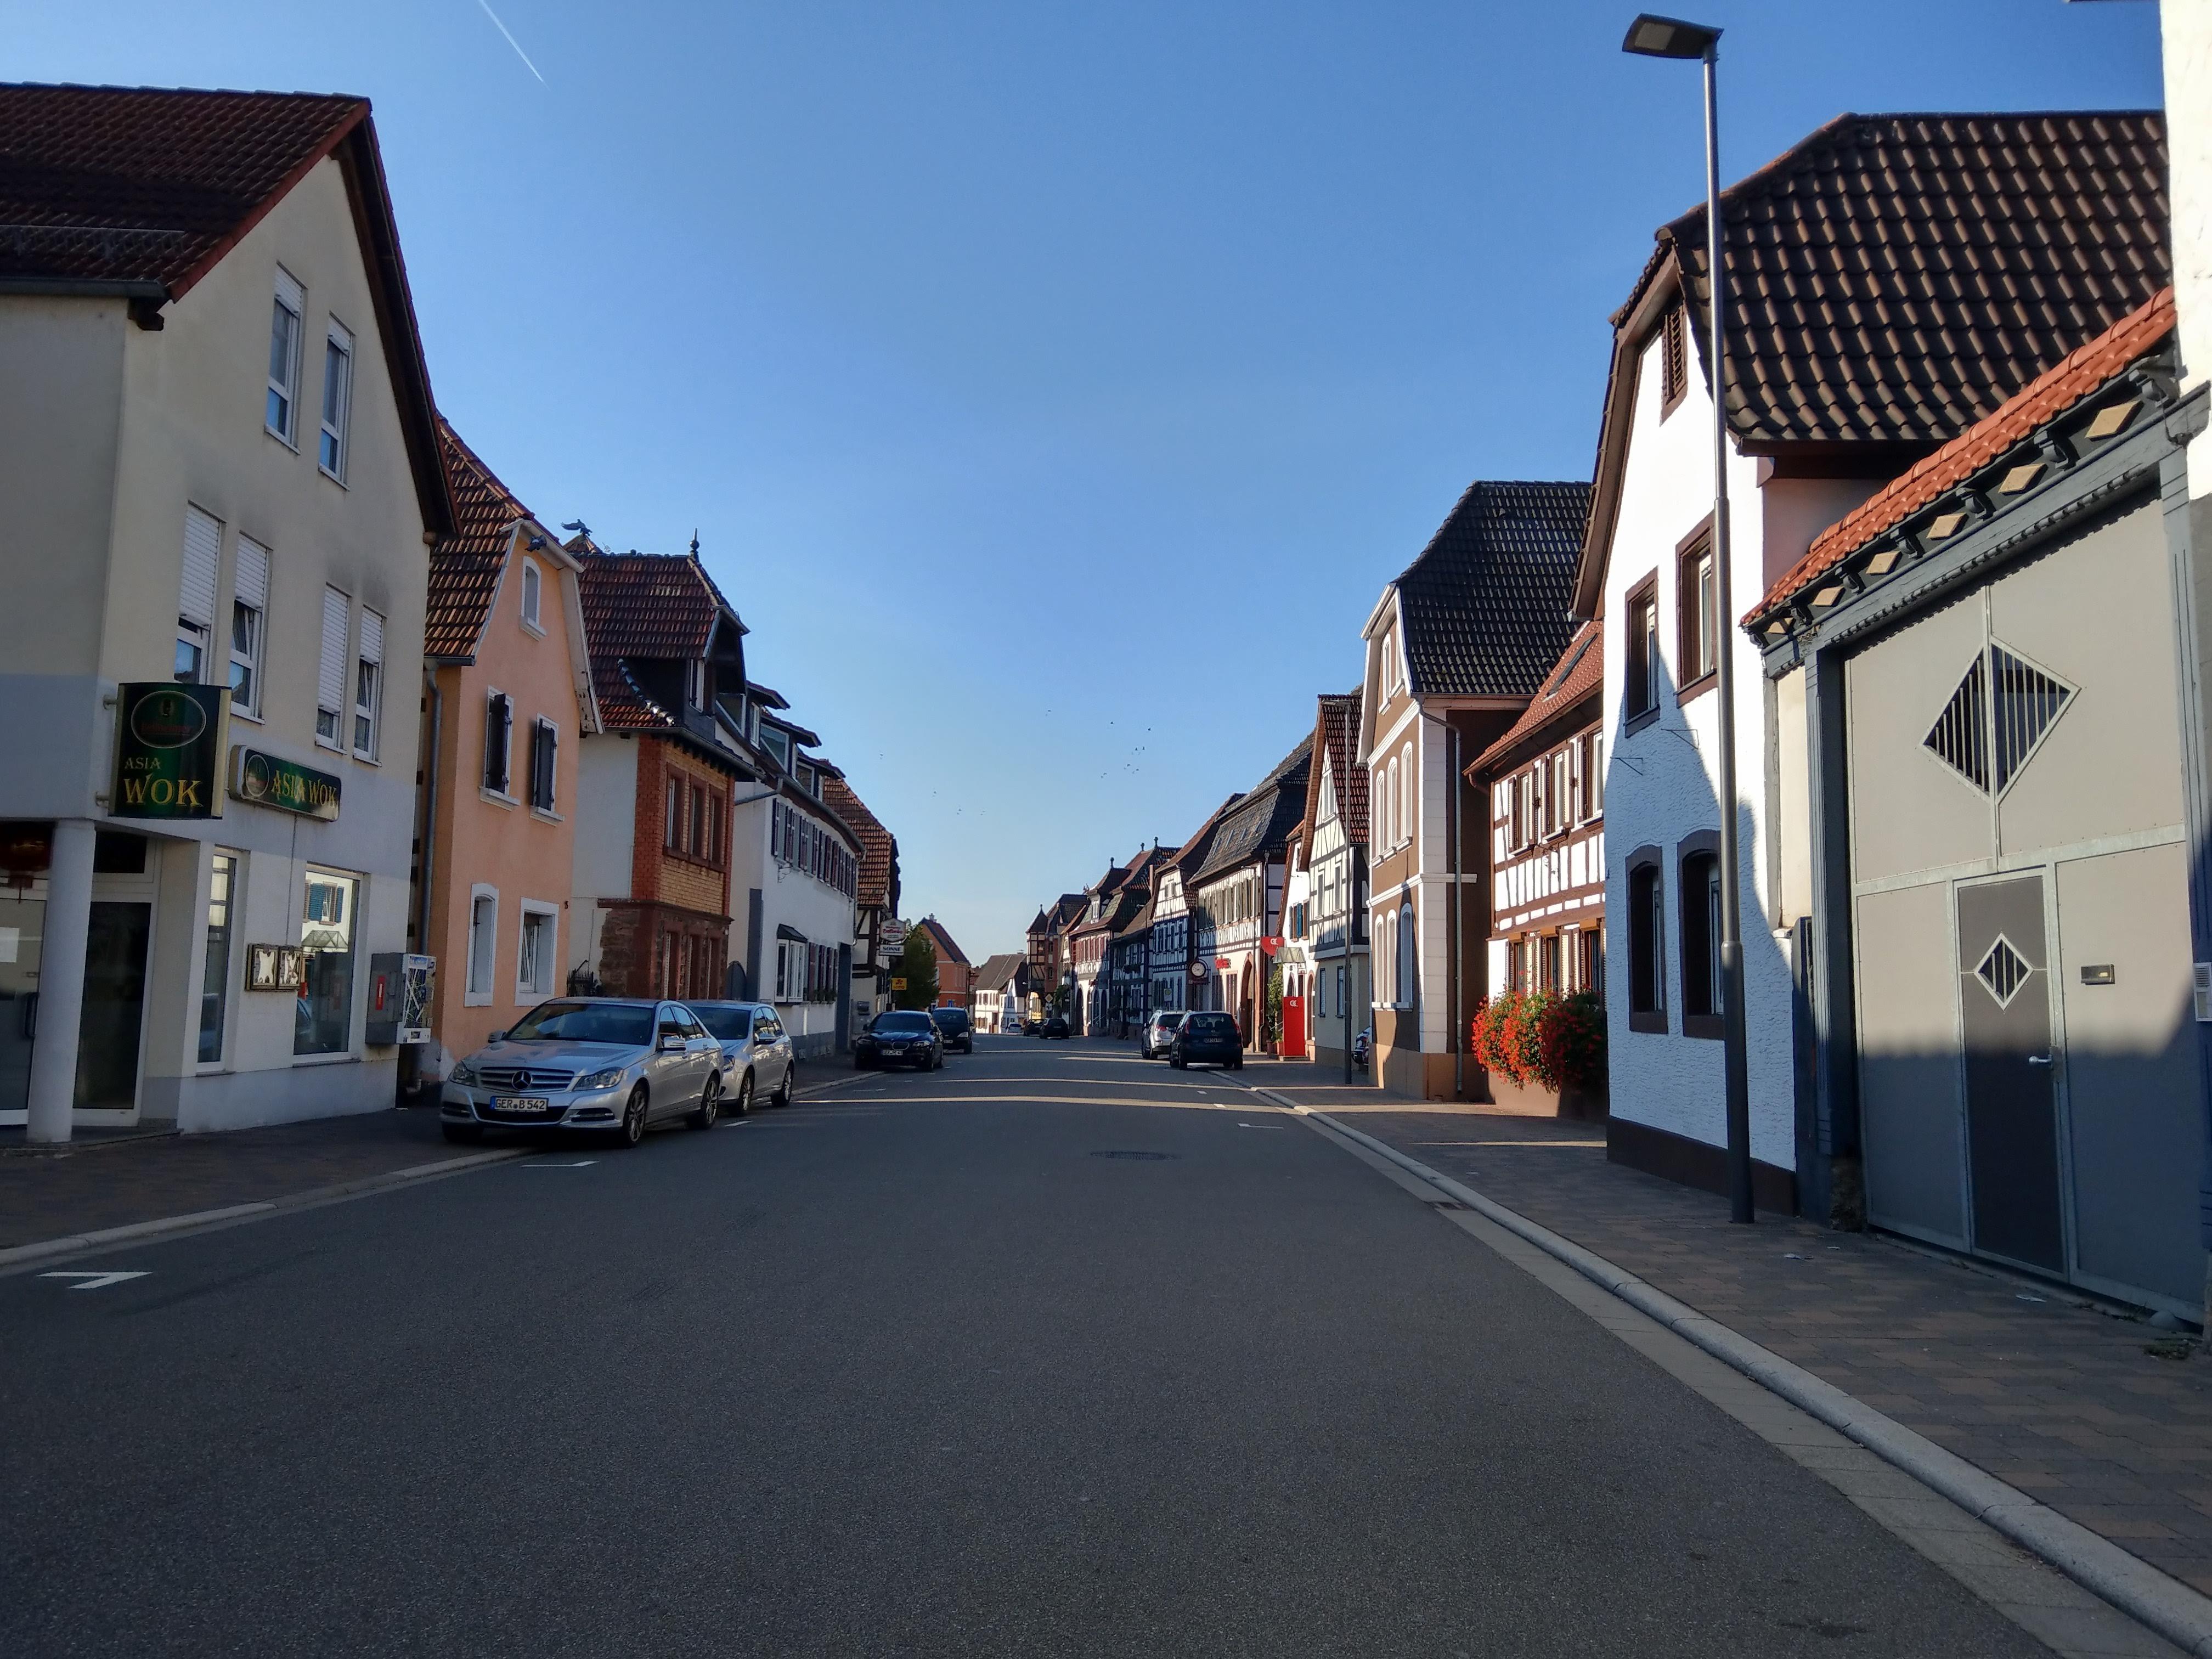 Leere Straße, kleines Dorf